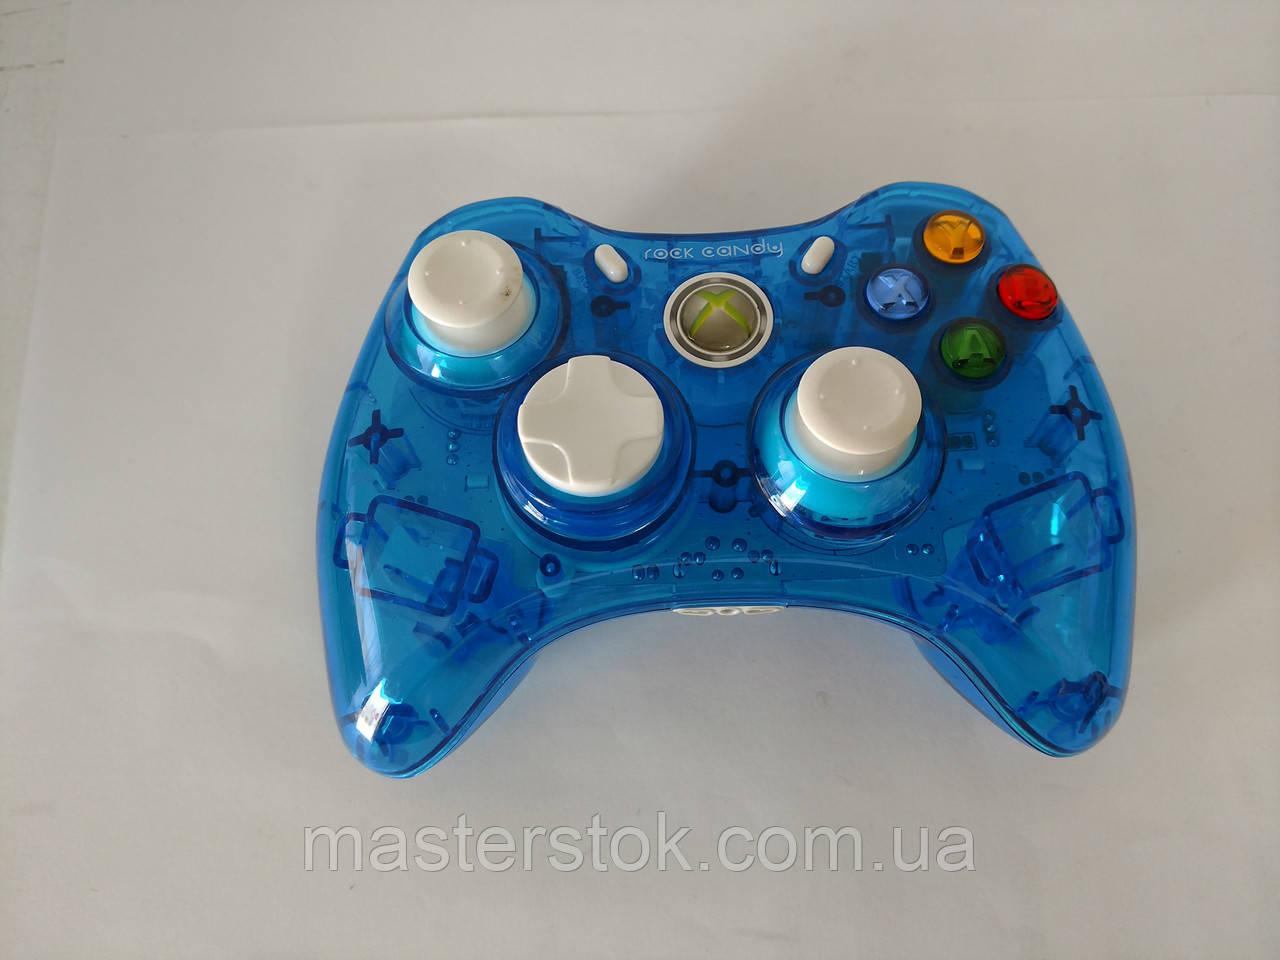 Проводной джойстик Rock Candy для Xbox 360